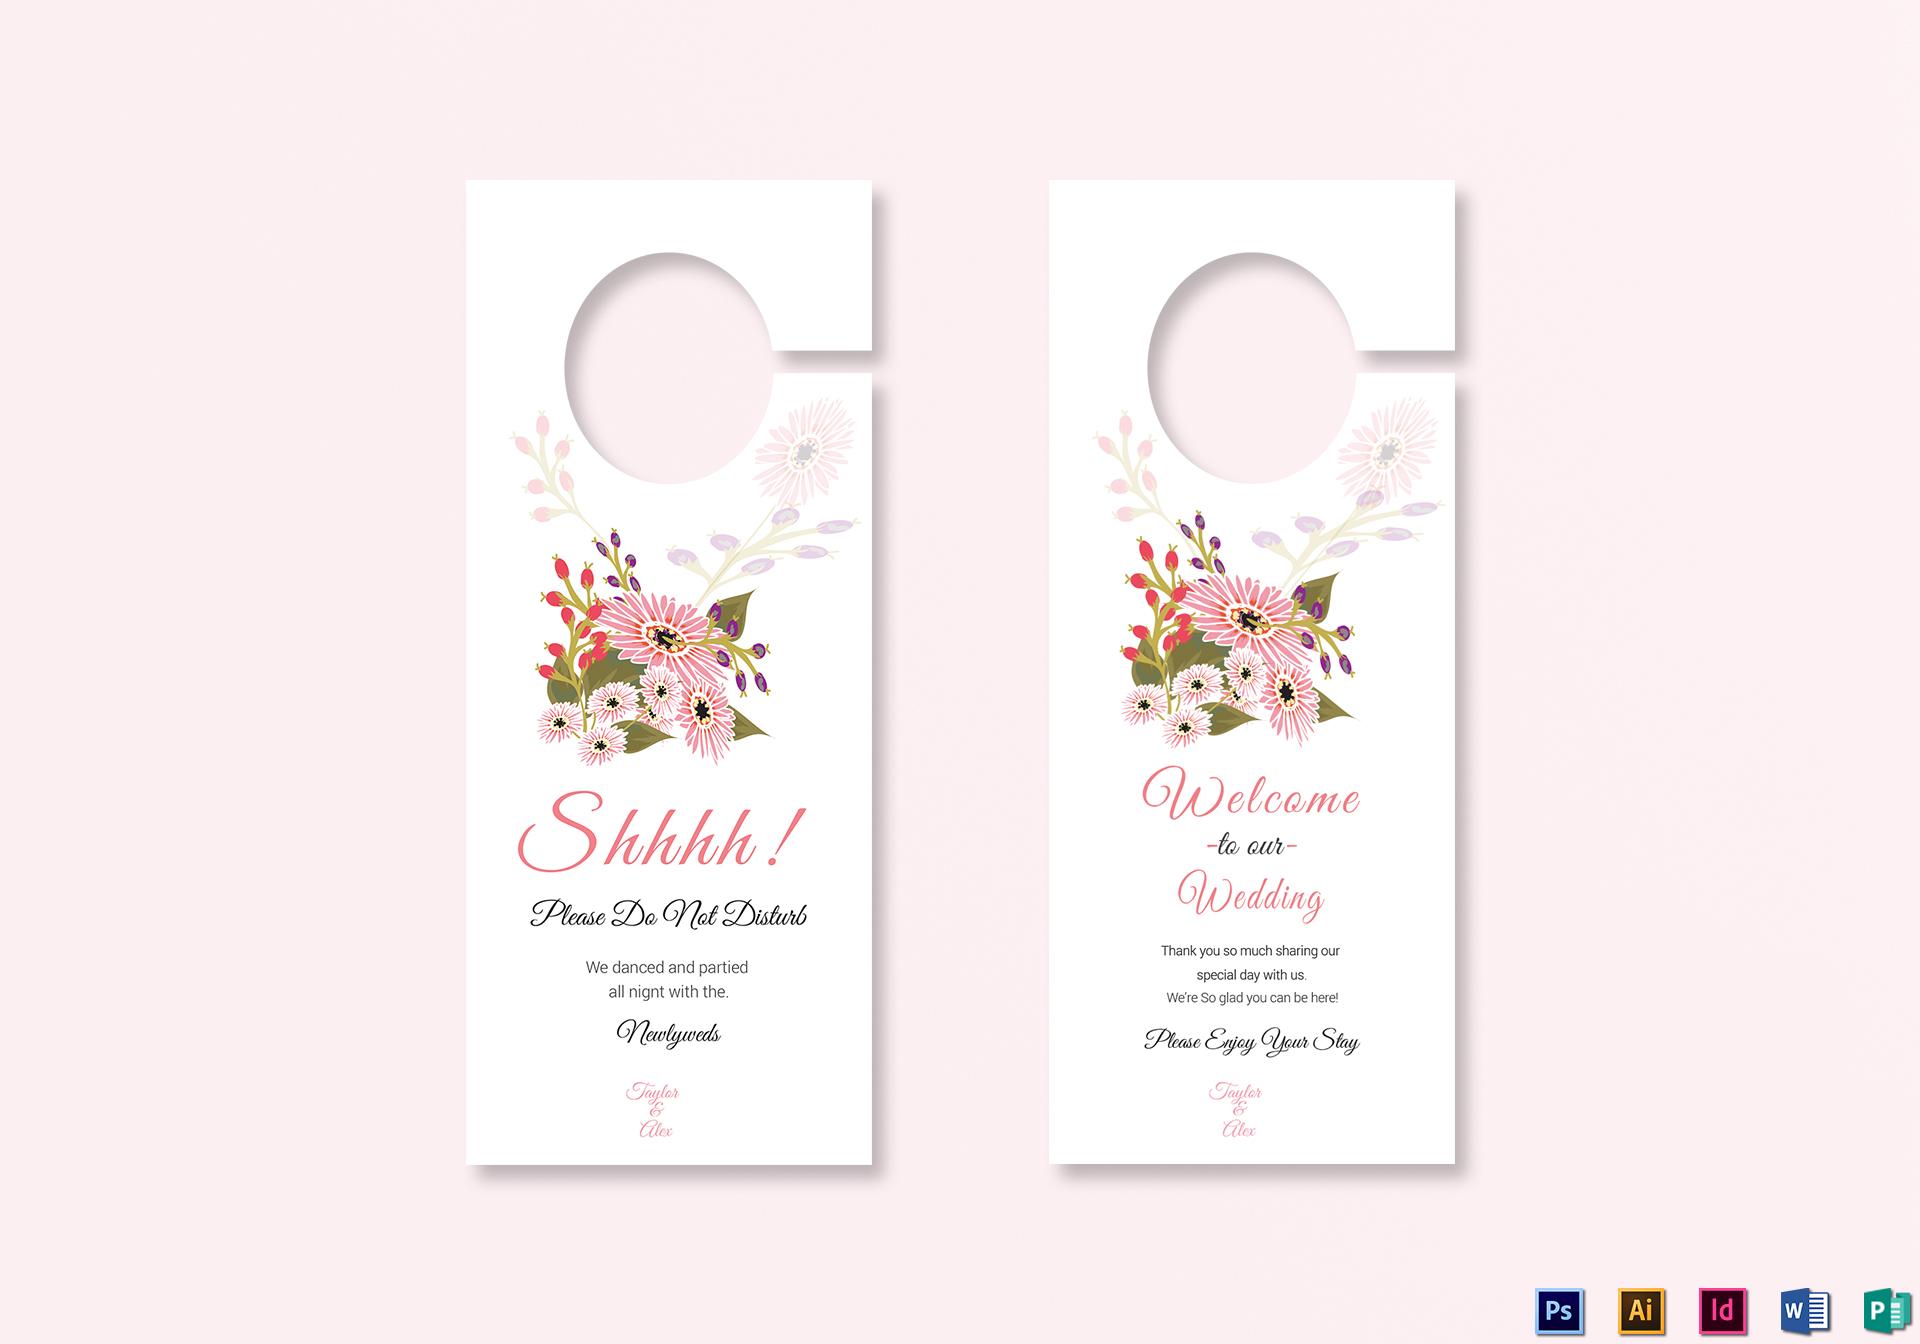 Door Hanger Design Template | Floral Wedding Door Hanger Card Design Template In Illustrator